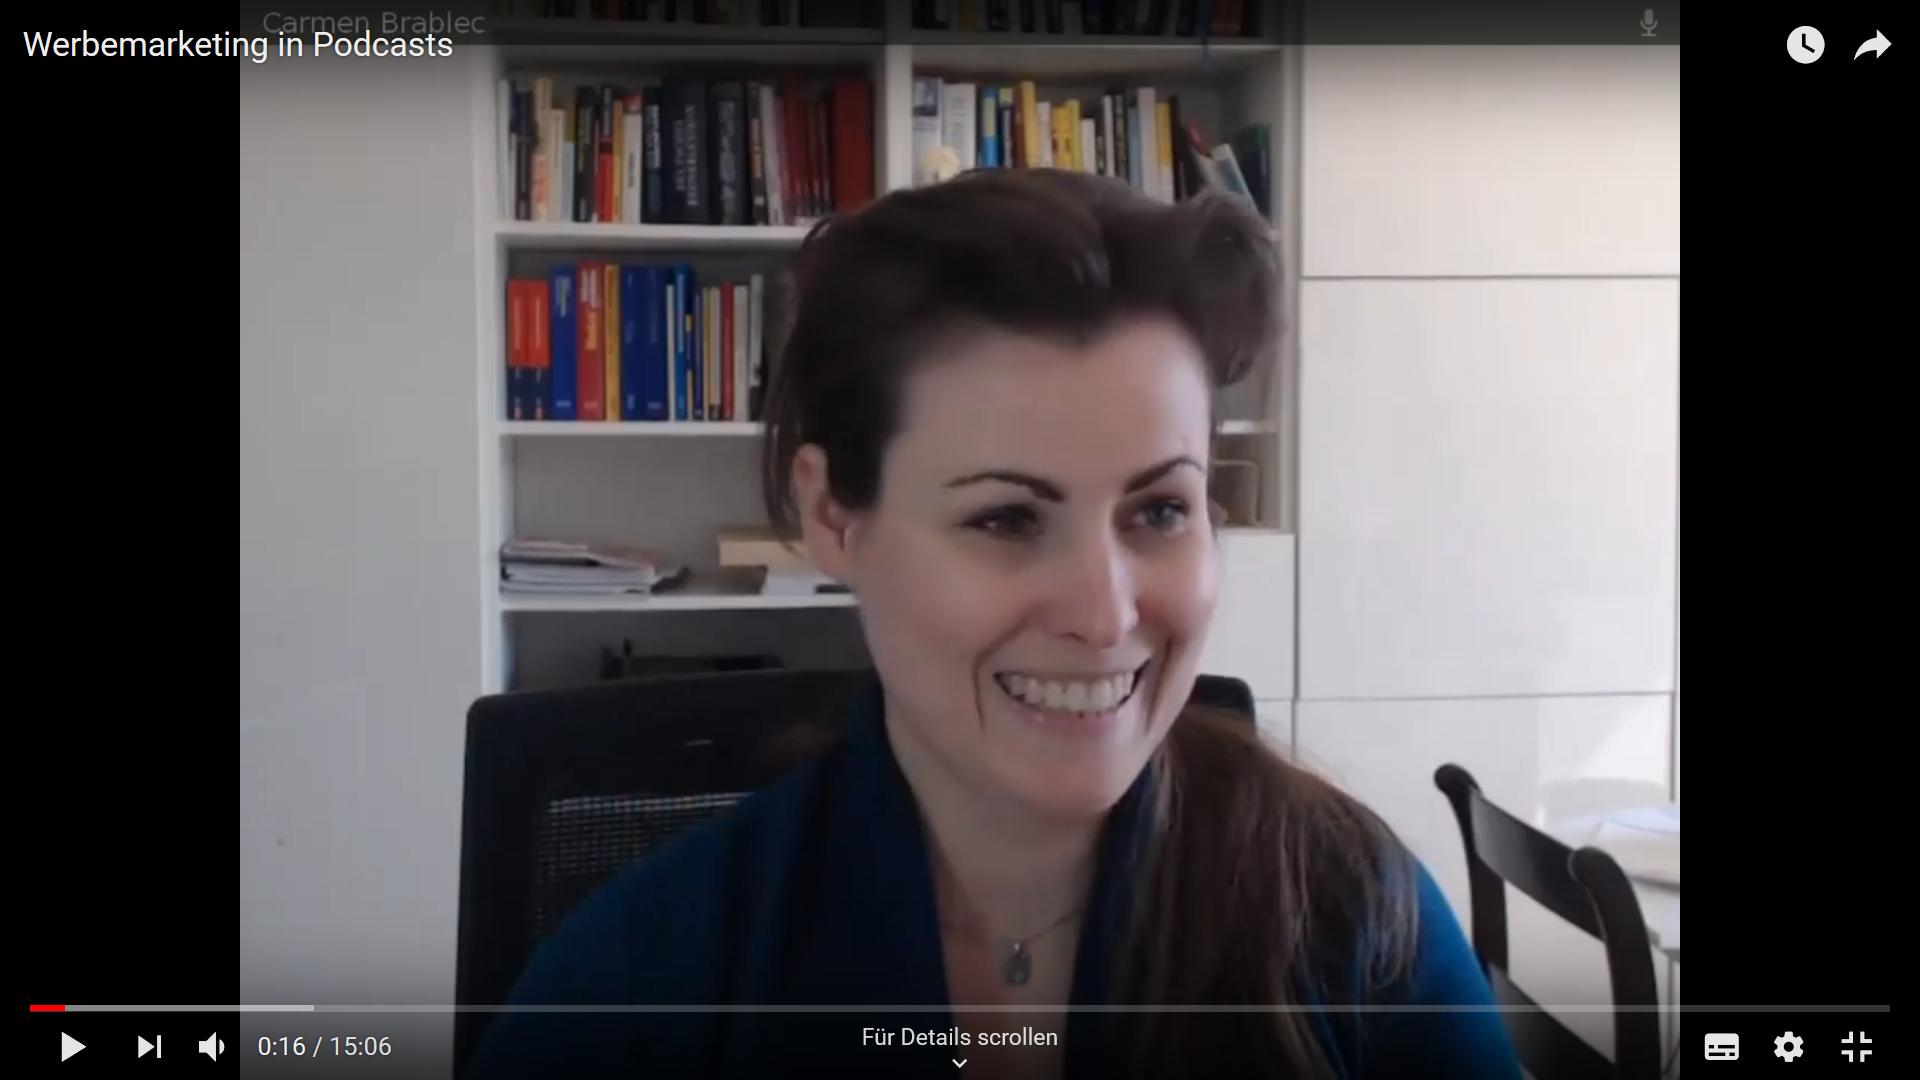 Wie funktioniert Werbemarketing in Podcasts